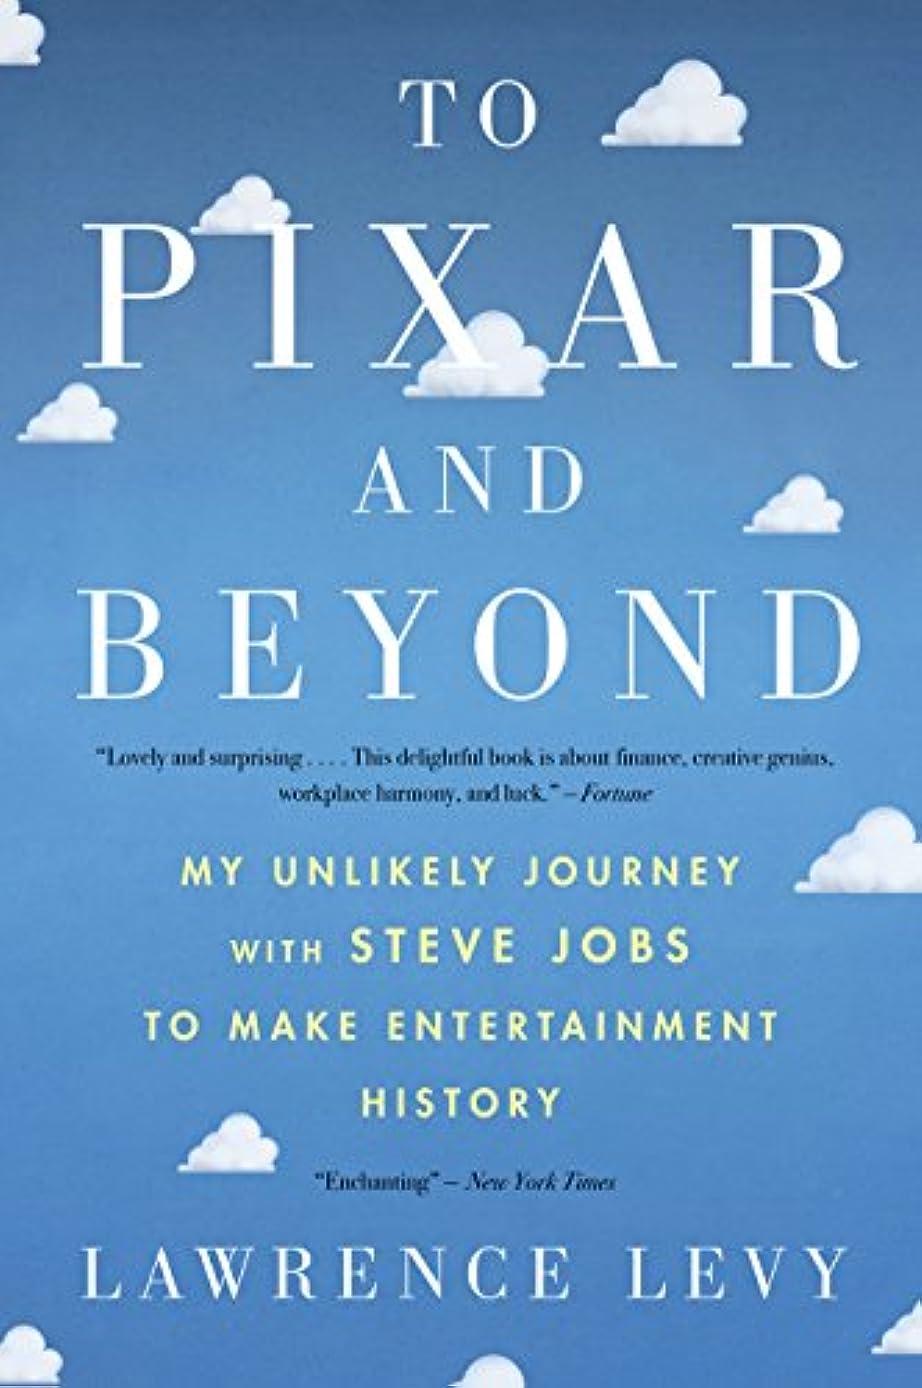 反発する不承認薄暗いTo Pixar and Beyond: My Unlikely Journey with Steve Jobs to Make Entertainment History (English Edition)